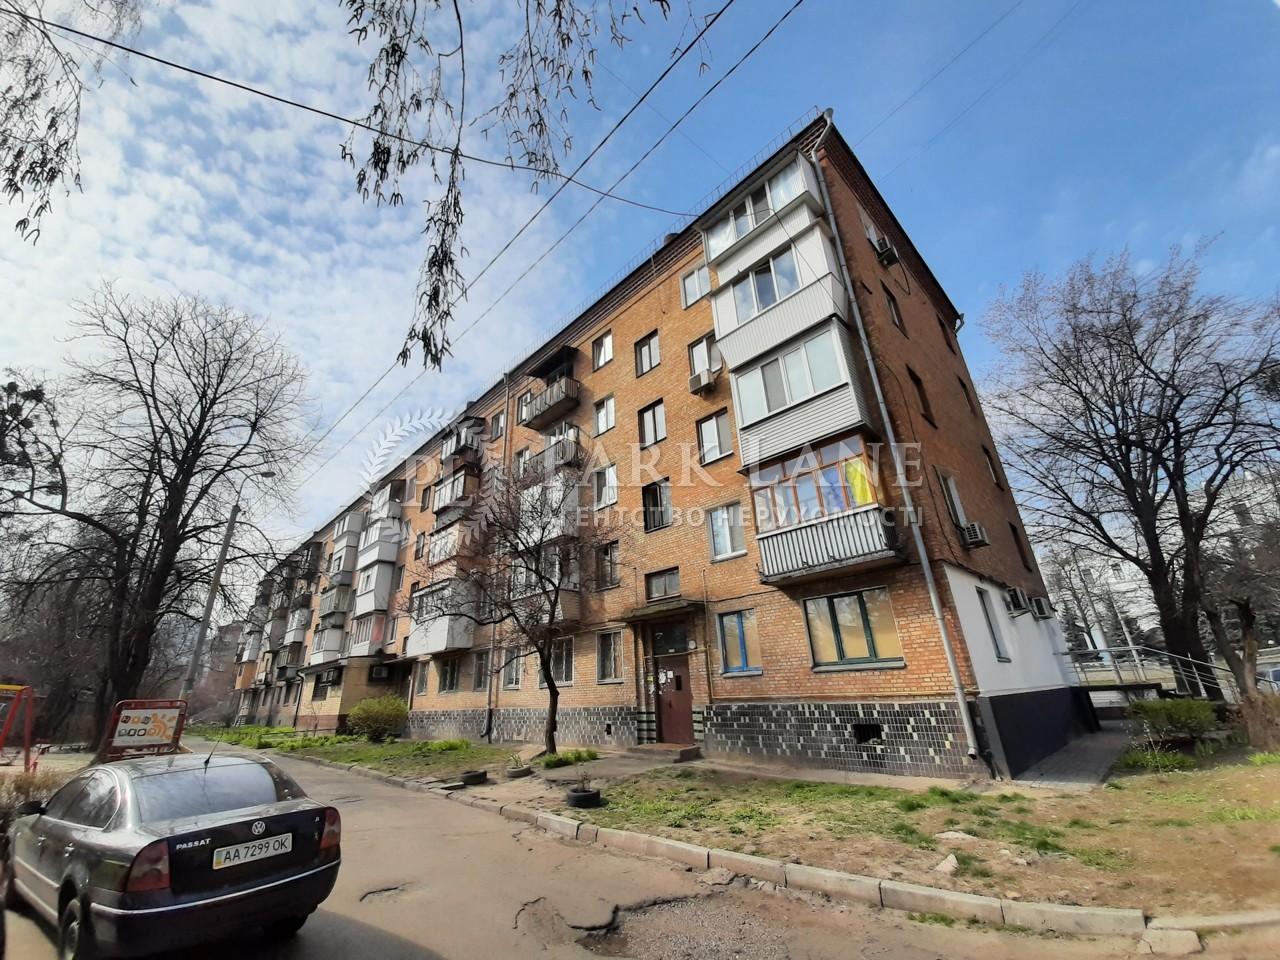 Квартира Воздухофлотский просп., 3, Киев, L-28305 - Фото 1